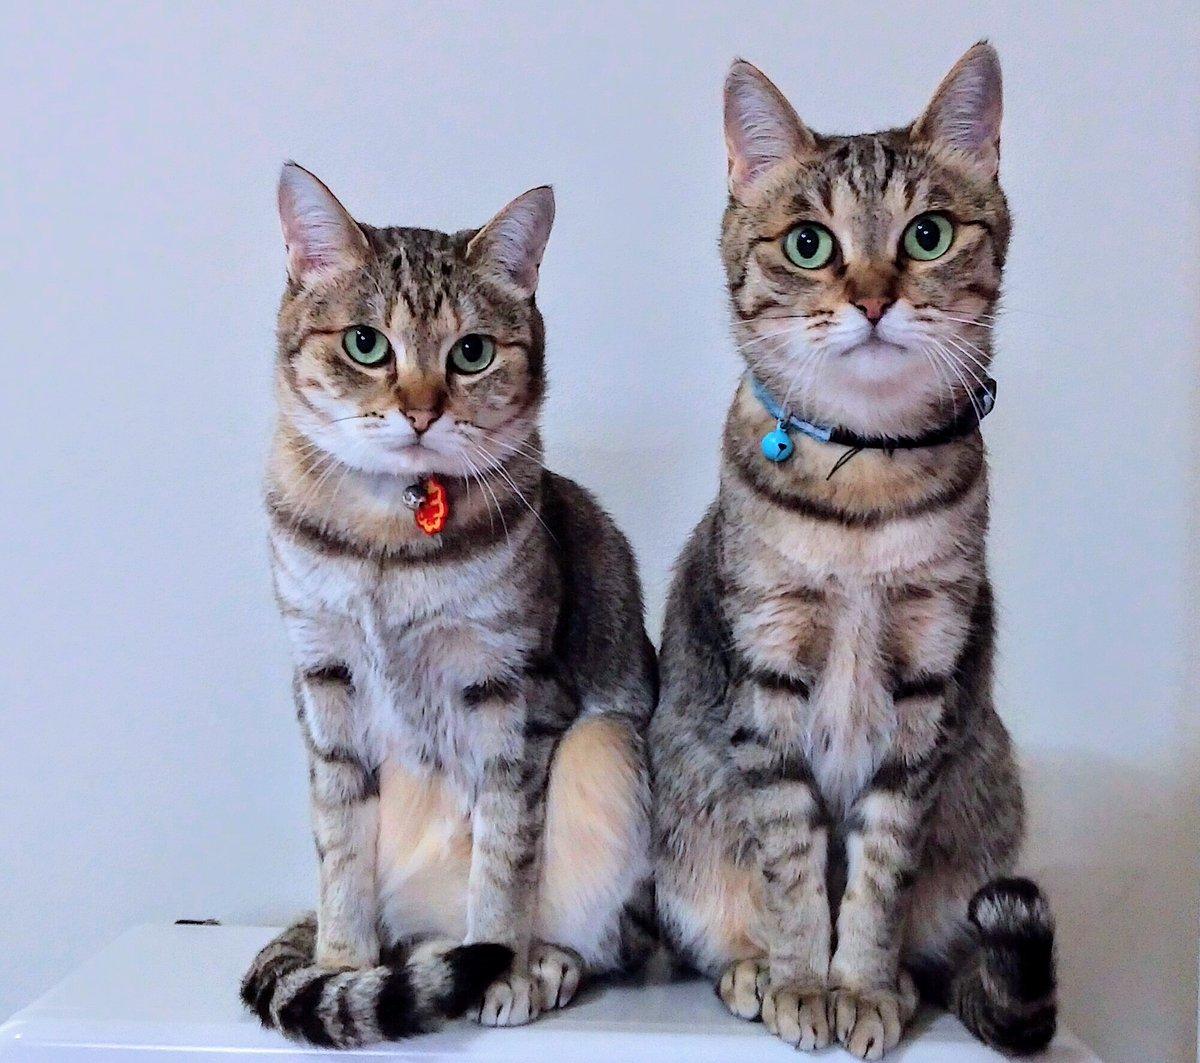 うちの猫 可愛くない? #猫 #猫との暮らし #猫バカ #猫がいる生活 #猫の多頭飼い #家猫 #愛猫 #猫好きさんと繋がりたい #猫すたぐらむ #猫のいる暮らし #猫写真 #猫と暮らす家 #姉妹猫 #cat #catstagram #cats🐱 #北海道 #北海道の猫 #アラフィフ #Instagram #まとめ https://t.co/J9led6whEo https://t.co/M7RjDngiPd